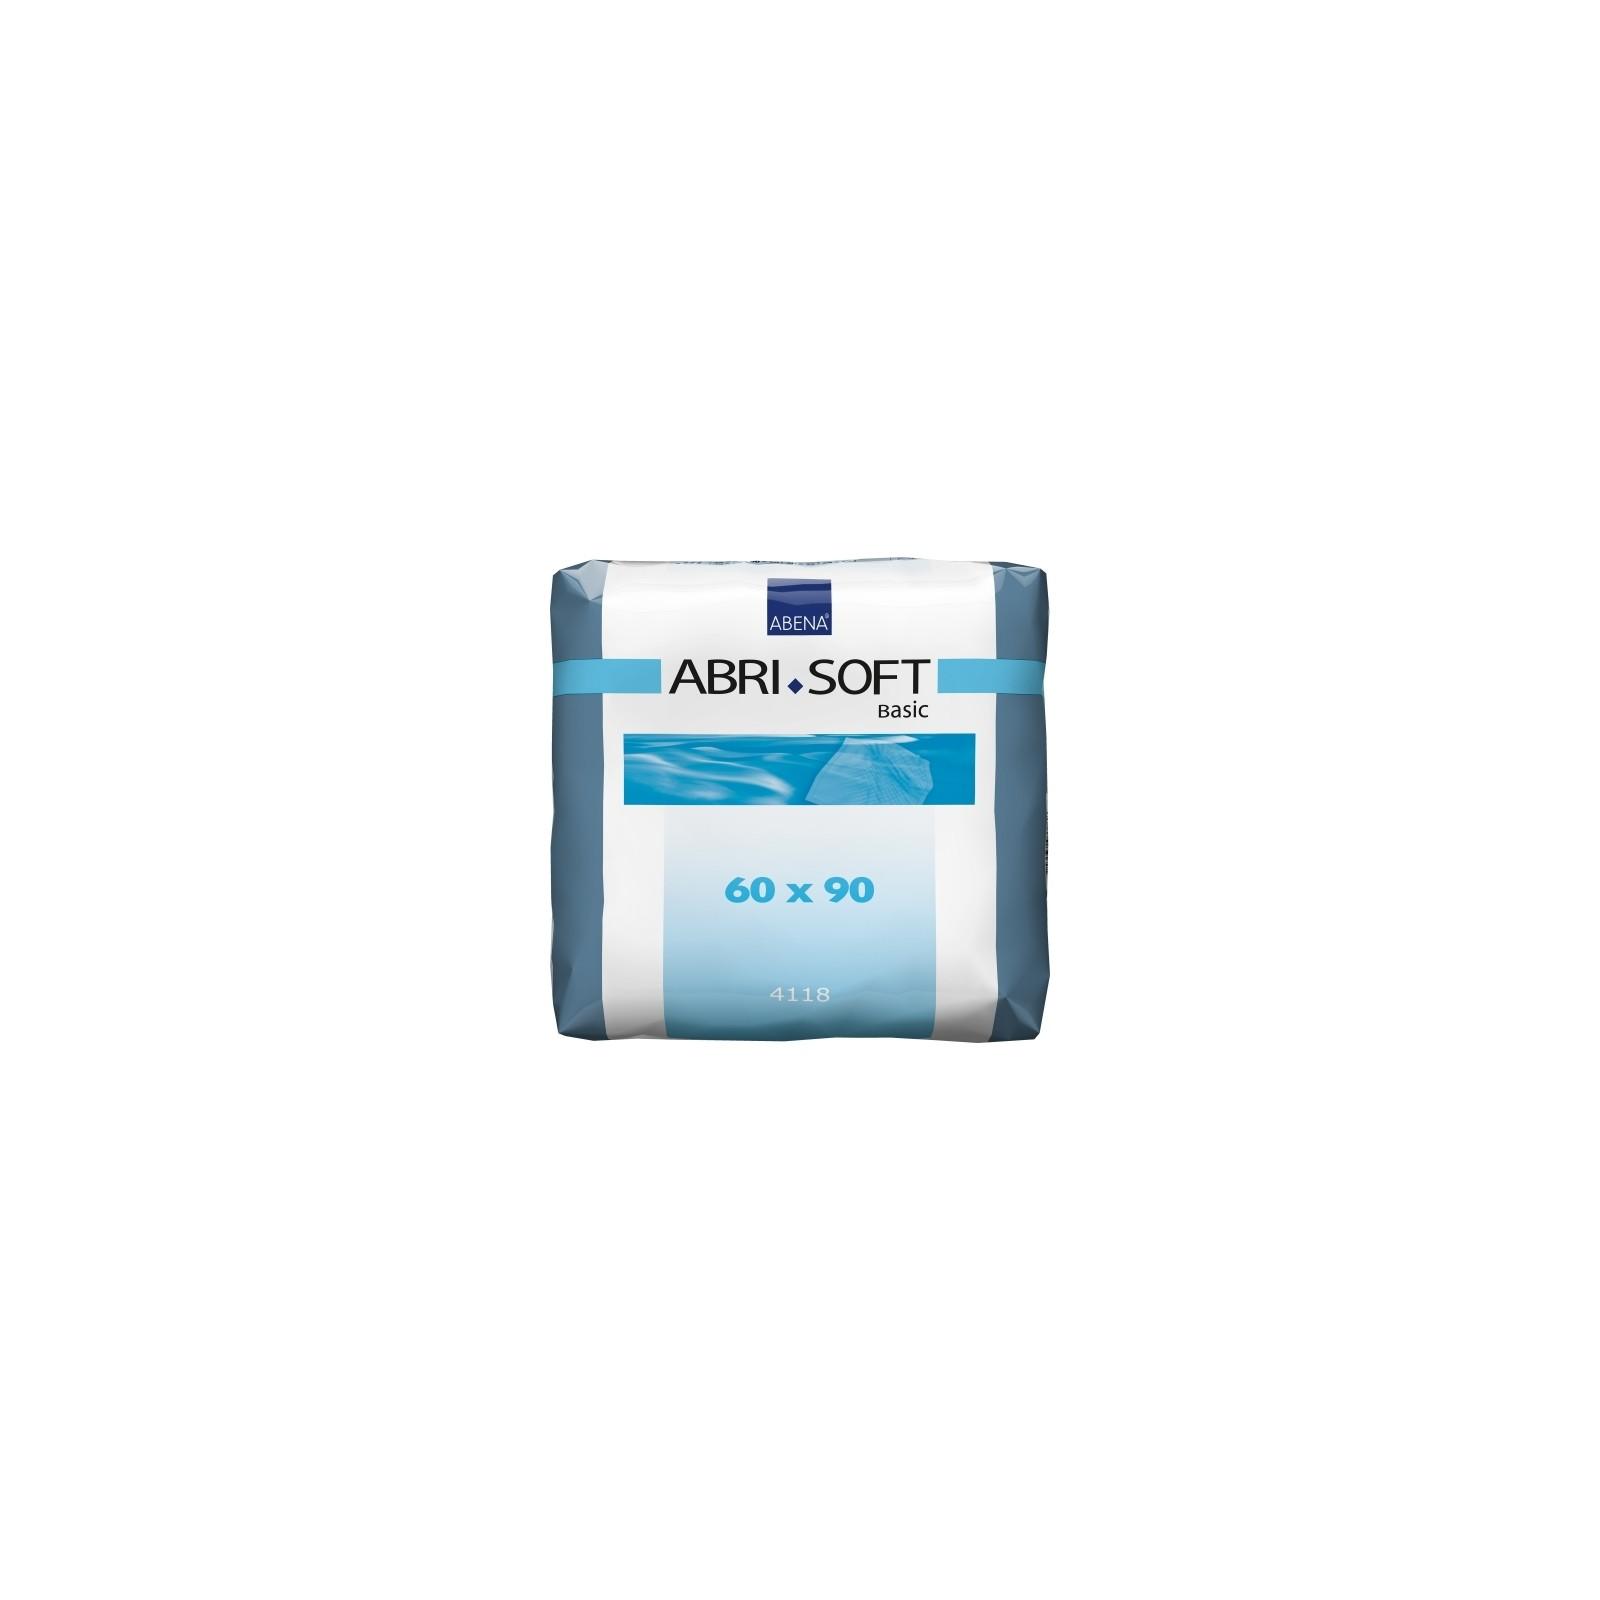 ABENA Abri-Soft Basic 60 x 90 cm| SenUp.com